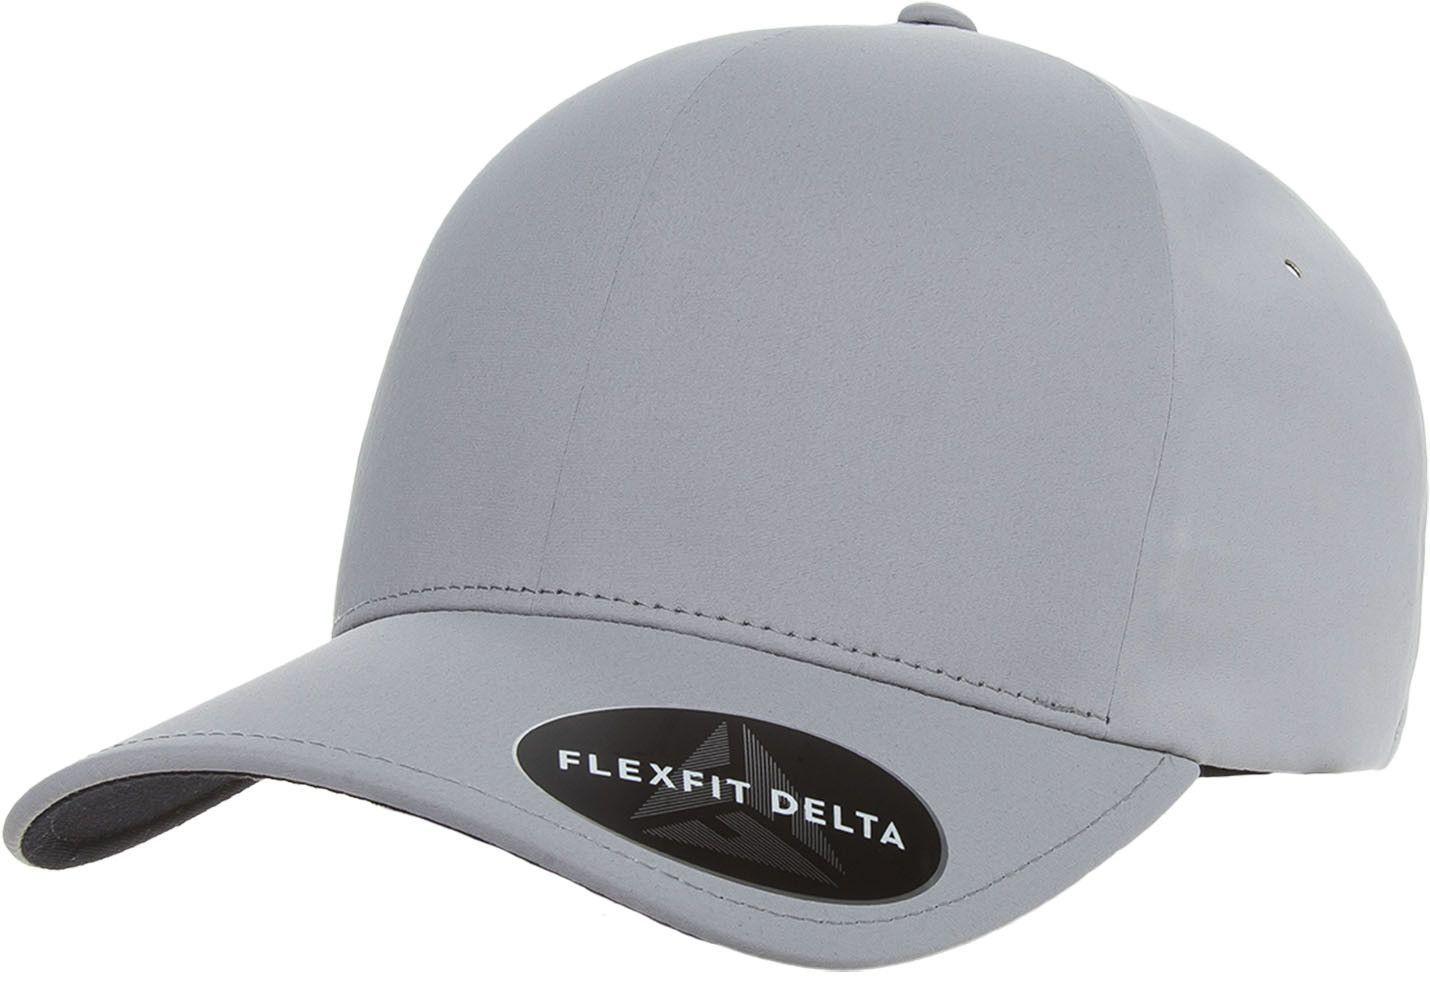 a6a17633616d6 Flexfit Yupoong 180 Flexfit Delta Hat Wholesale  Silver